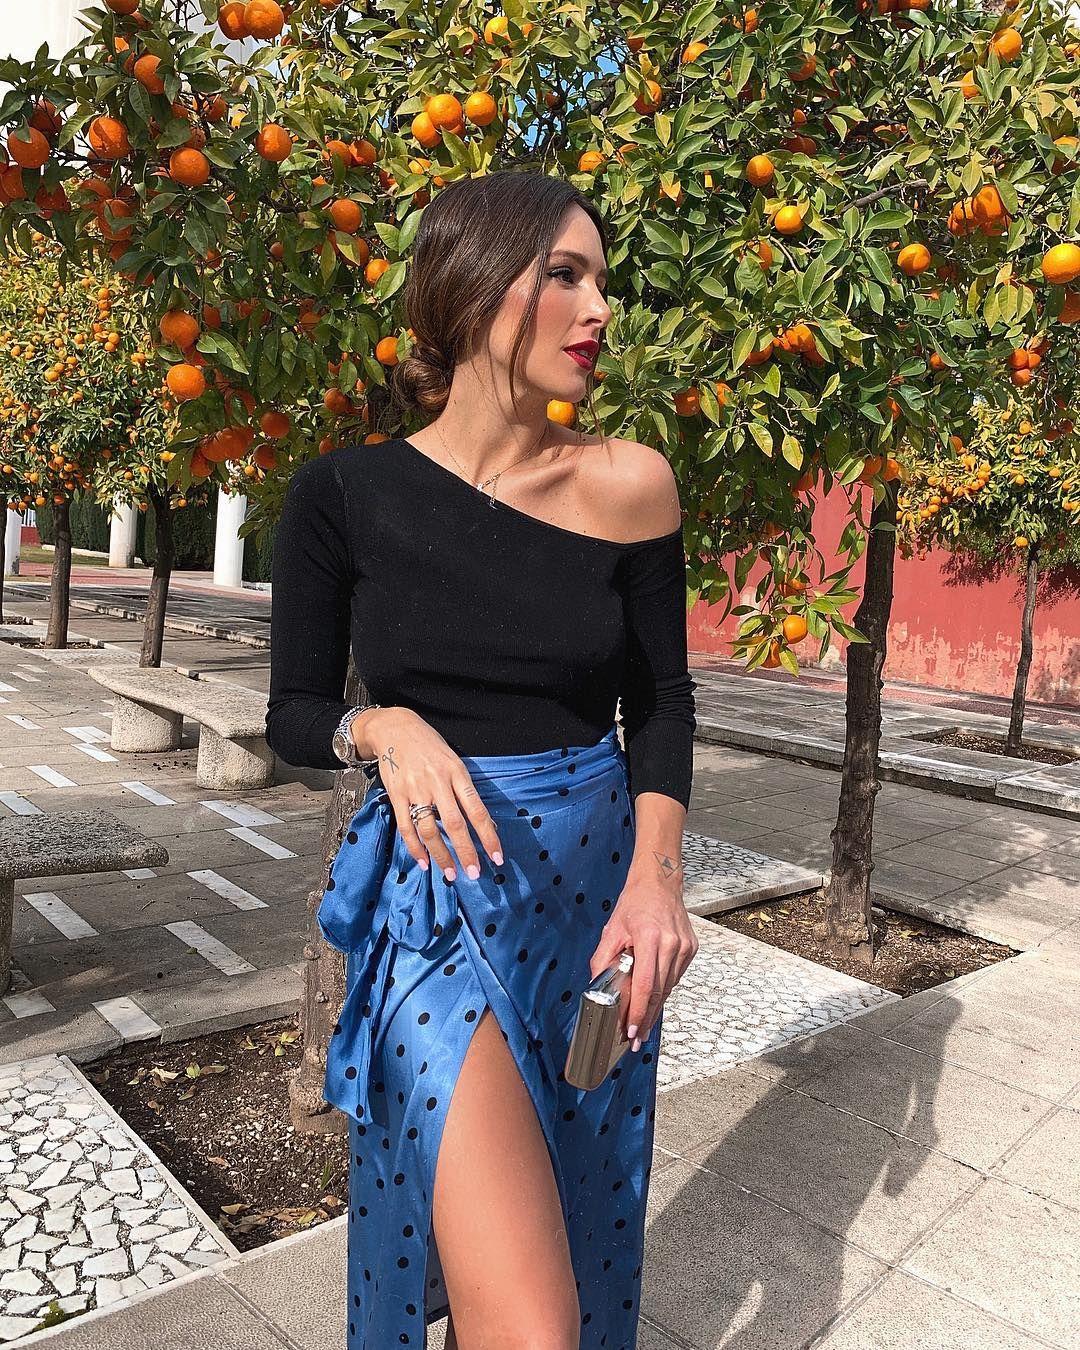 Su Año Zara Falda Este Ya La Viral Tiene Prenda Primera De Fw8EHq6w4